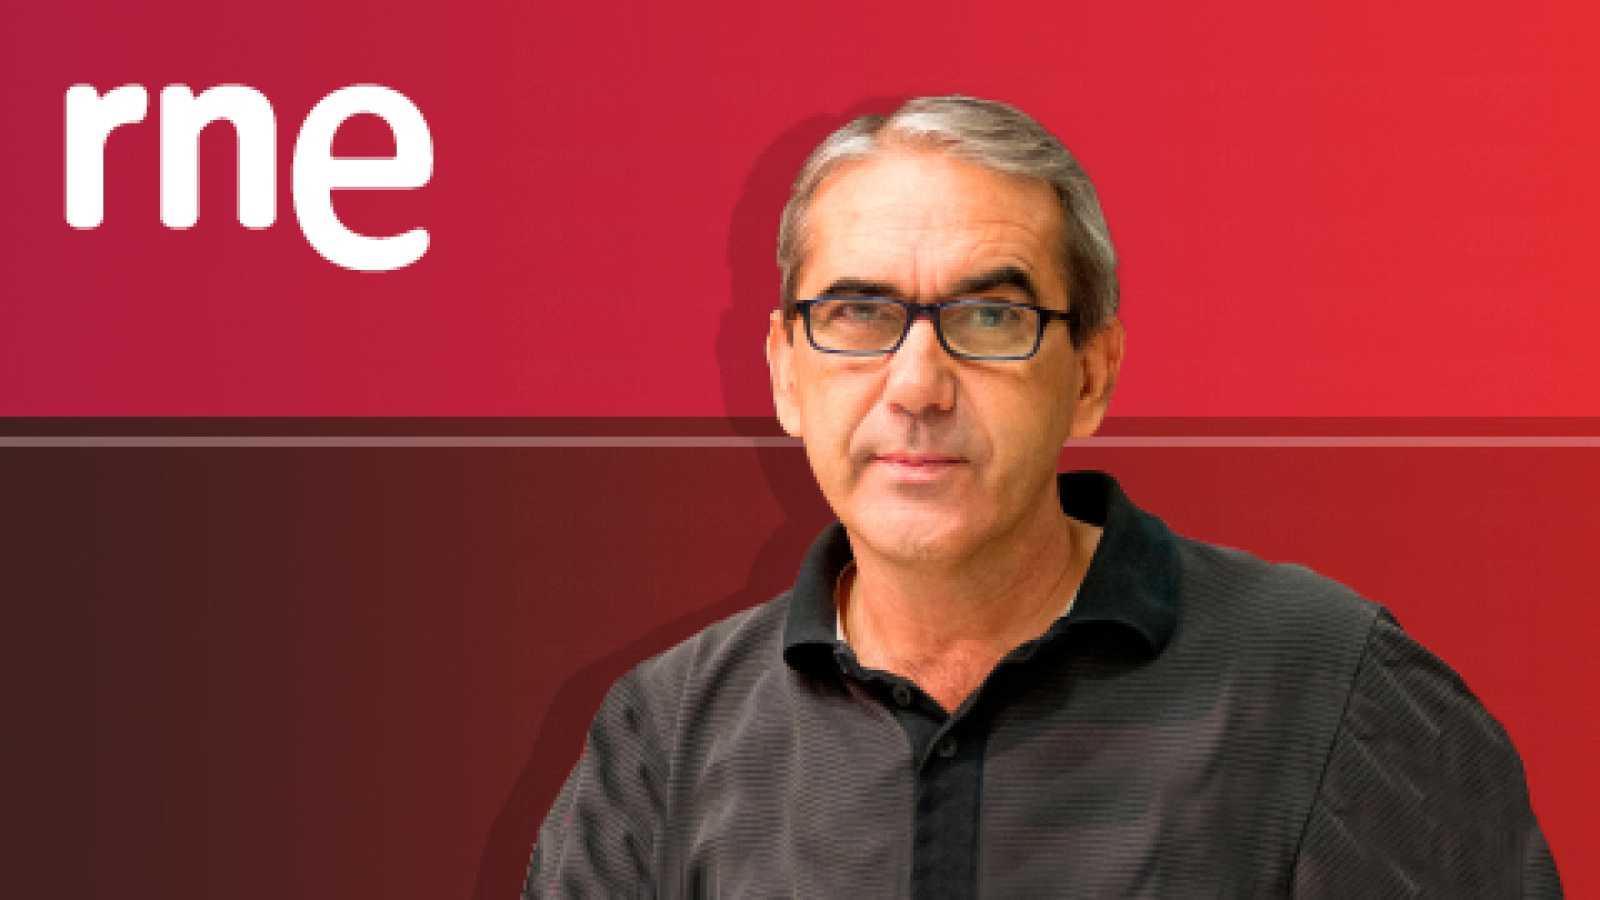 Ángel Viñas - El gran error de la República - Historias de papel - Escuchar ahora